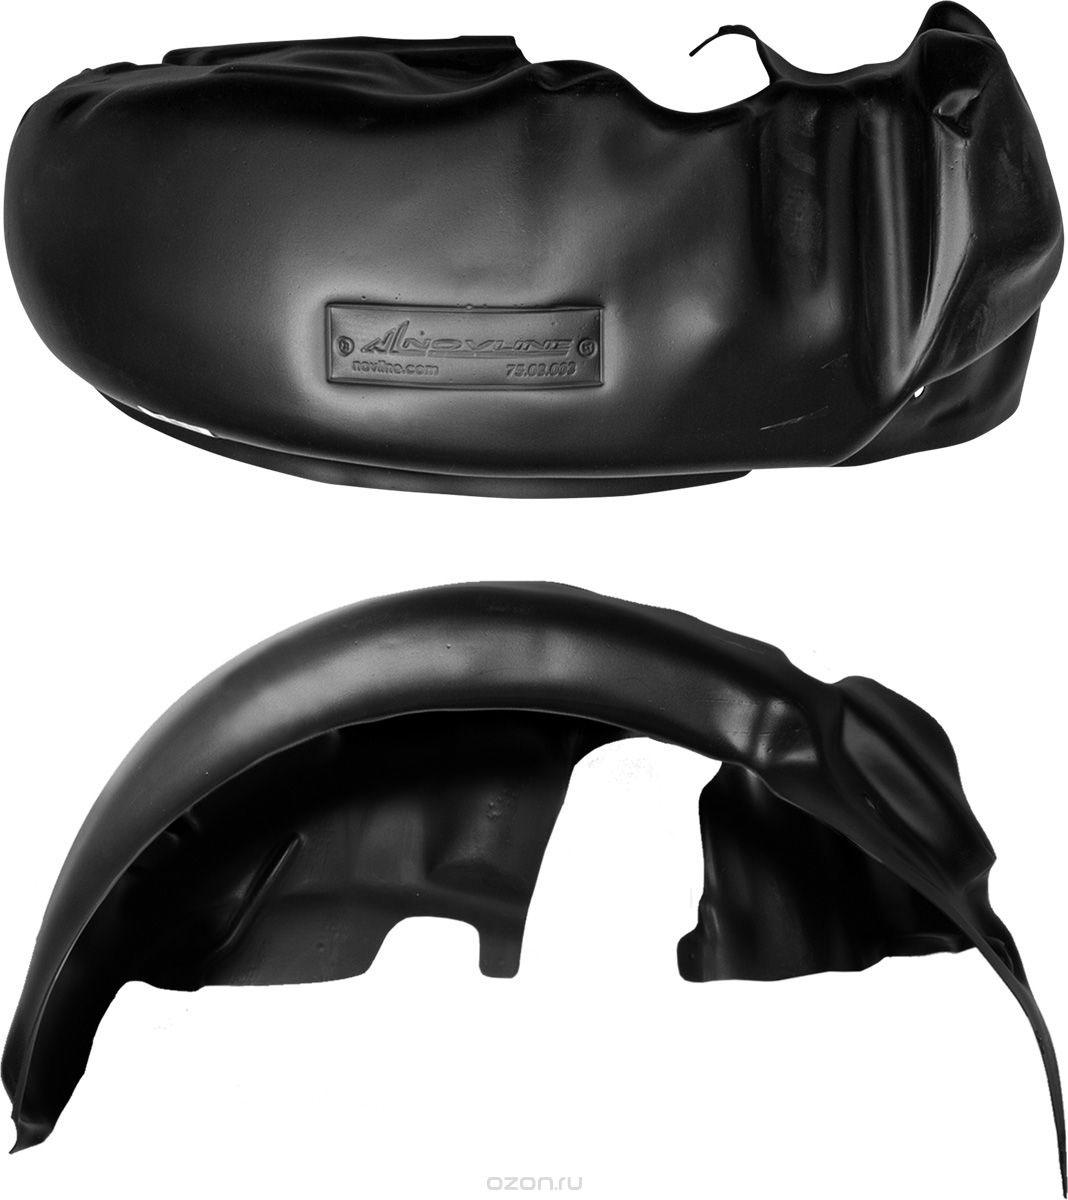 Подкрылок Novline-Autofamily, для TOYOTA Auris , 2012 ->(задний правыйNLL.48.54.004Идеальная защита колесной ниши. Локеры разработаны с применением цифровых технологий, гарантируют максимальную повторяемость поверхности арки. Изделия устанавливаются без нарушения лакокрасочного покрытия автомобиля, каждый подкрылок комплектуется крепежом. Уважаемые клиенты, обращаем ваше внимание, что фотографии на подкрылки универсальные и не отражают реальную форму изделия. При этом само изделие идет точно под размер указанного автомобиля.